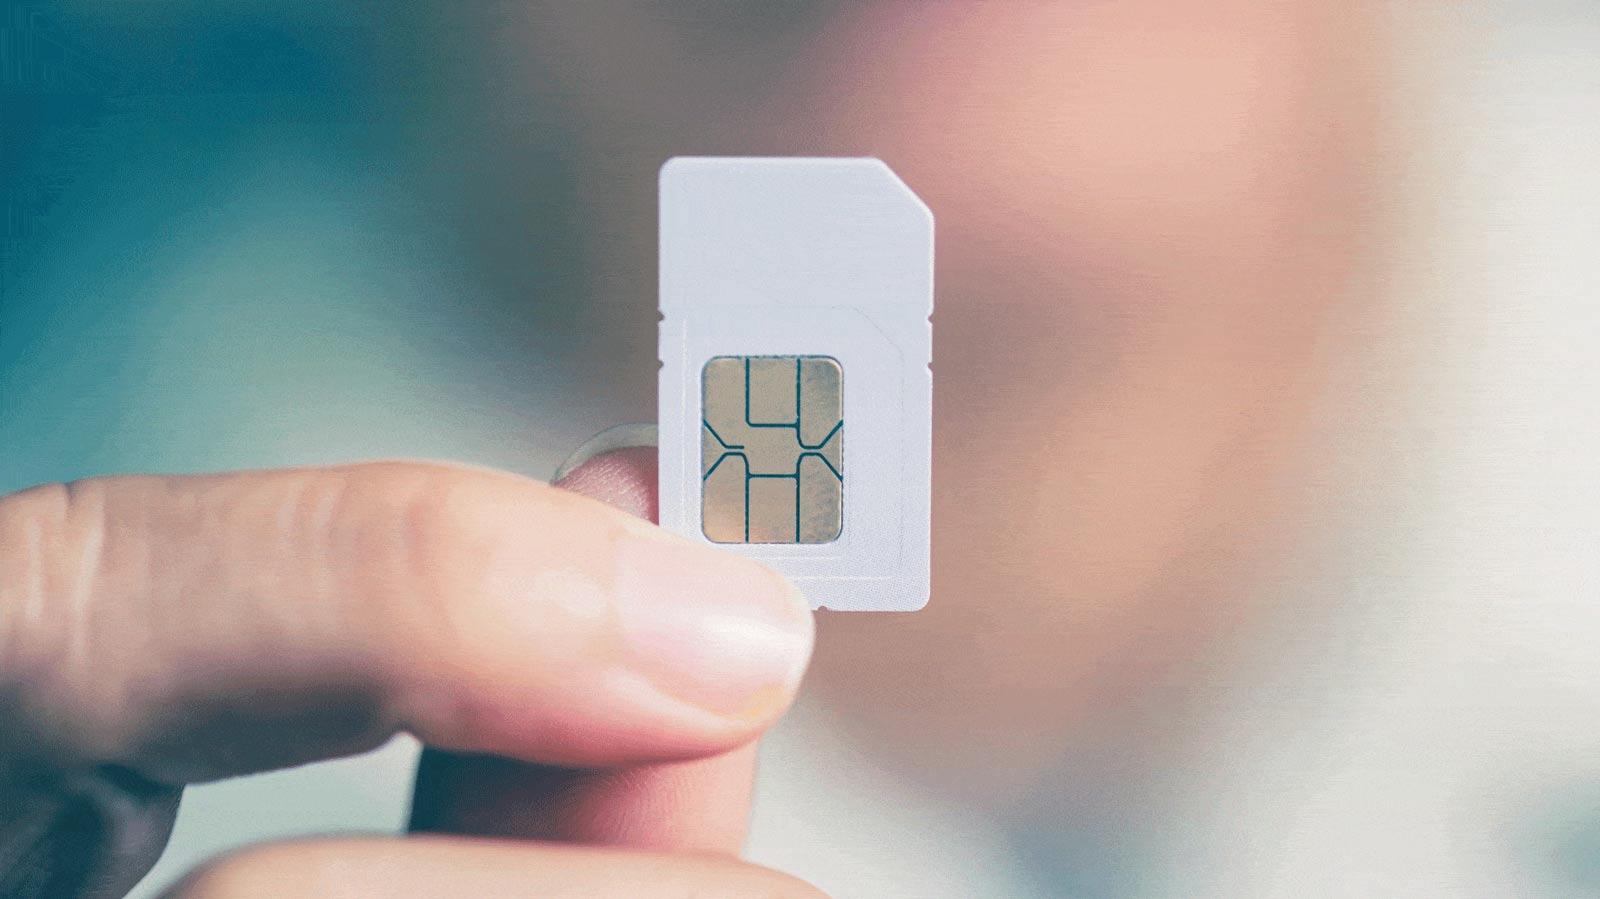 ছোট্ট একটা SIM Card সারা বিশ্বের সঙ্গে আপনার যোগাযোগ রাখে কী ভাবে?